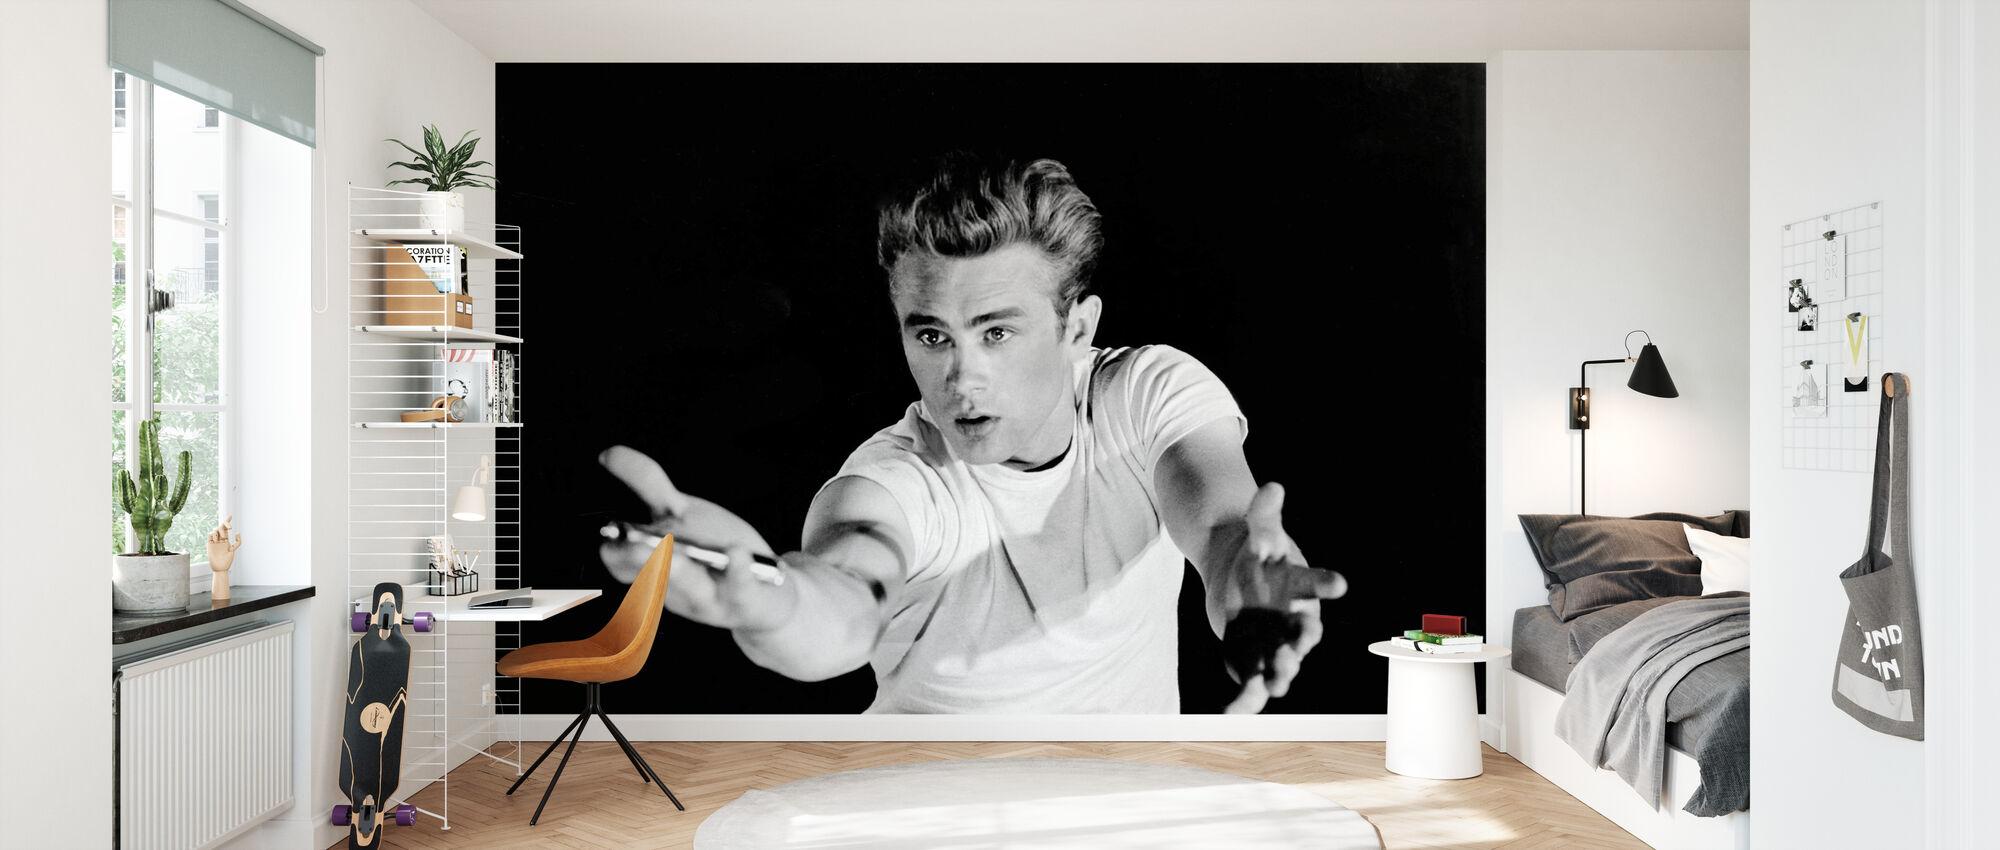 Jim Stark - Wallpaper - Kids Room